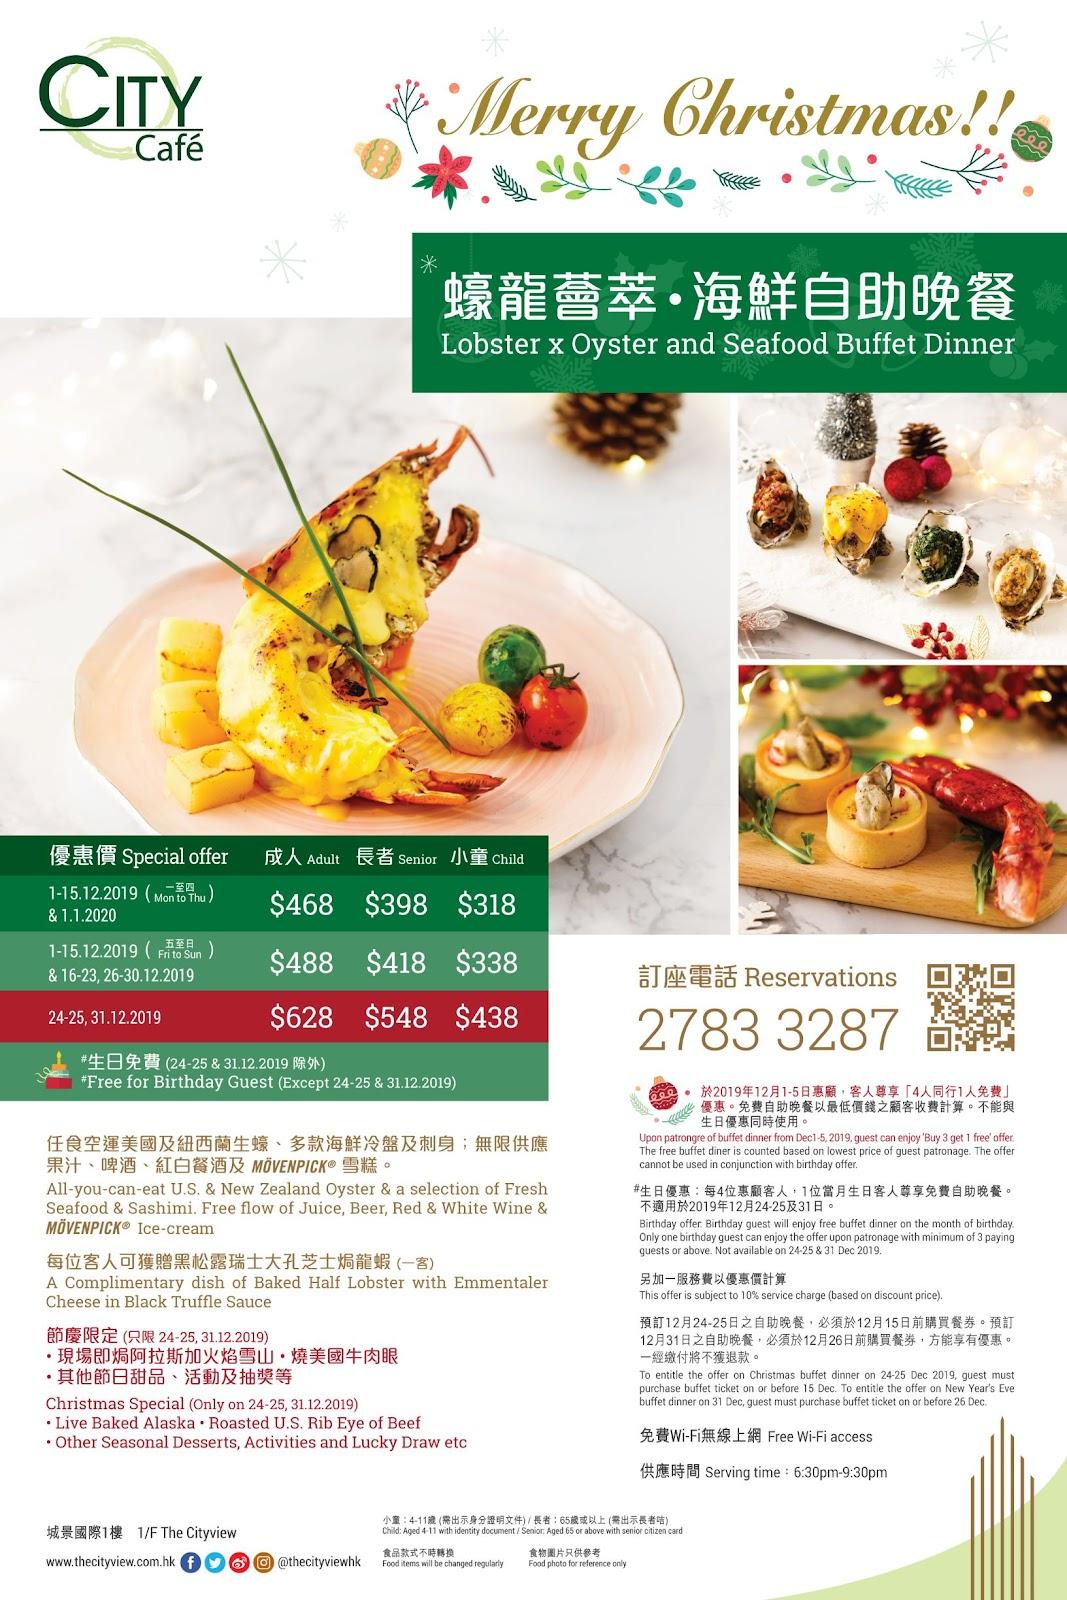 城景酒店 City Cafe